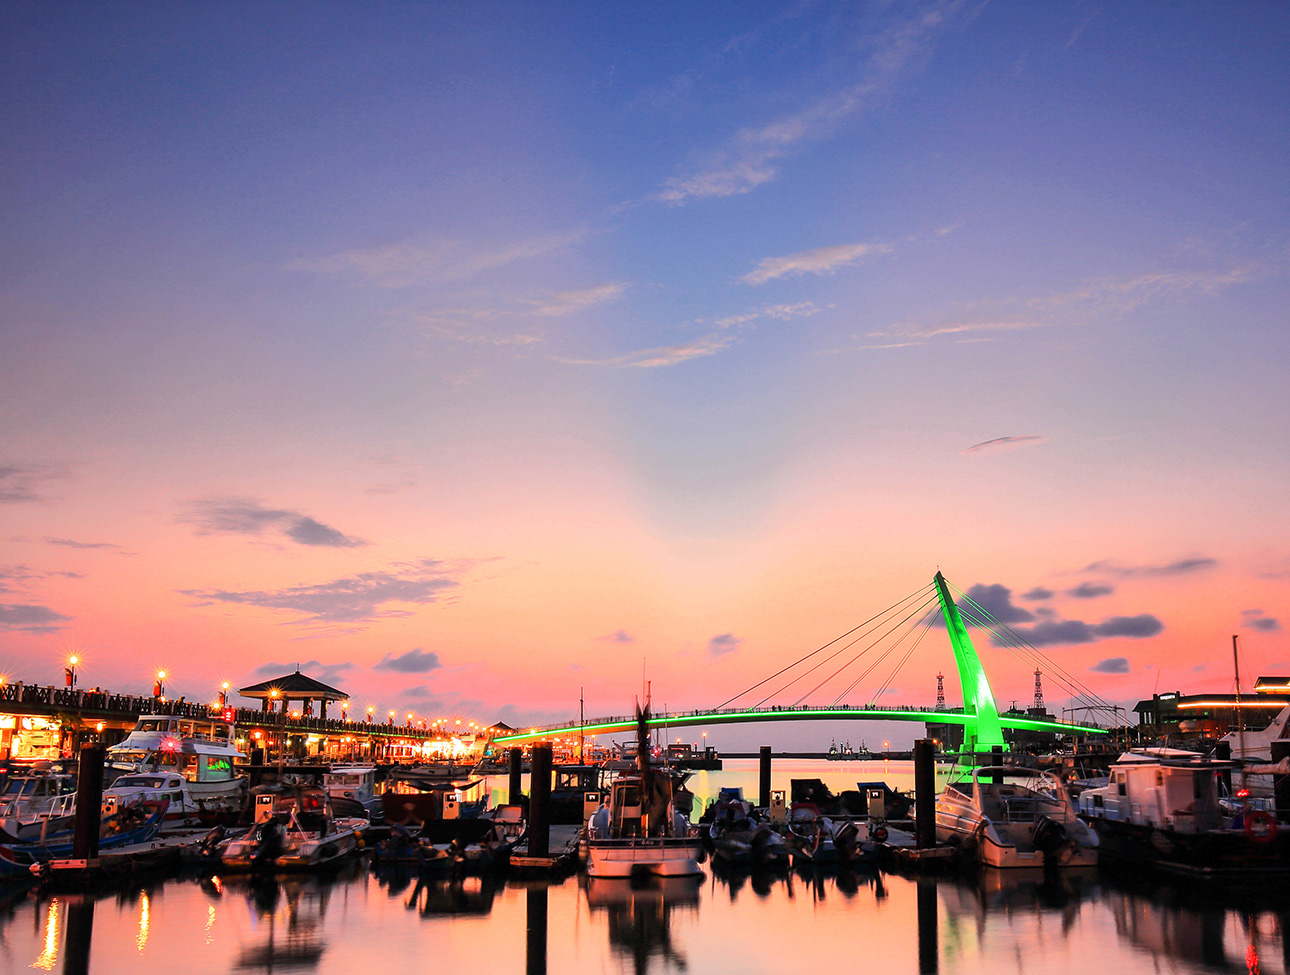 漁人碼頭夕陽美景 (圖片來源:新北市觀光旅遊網)